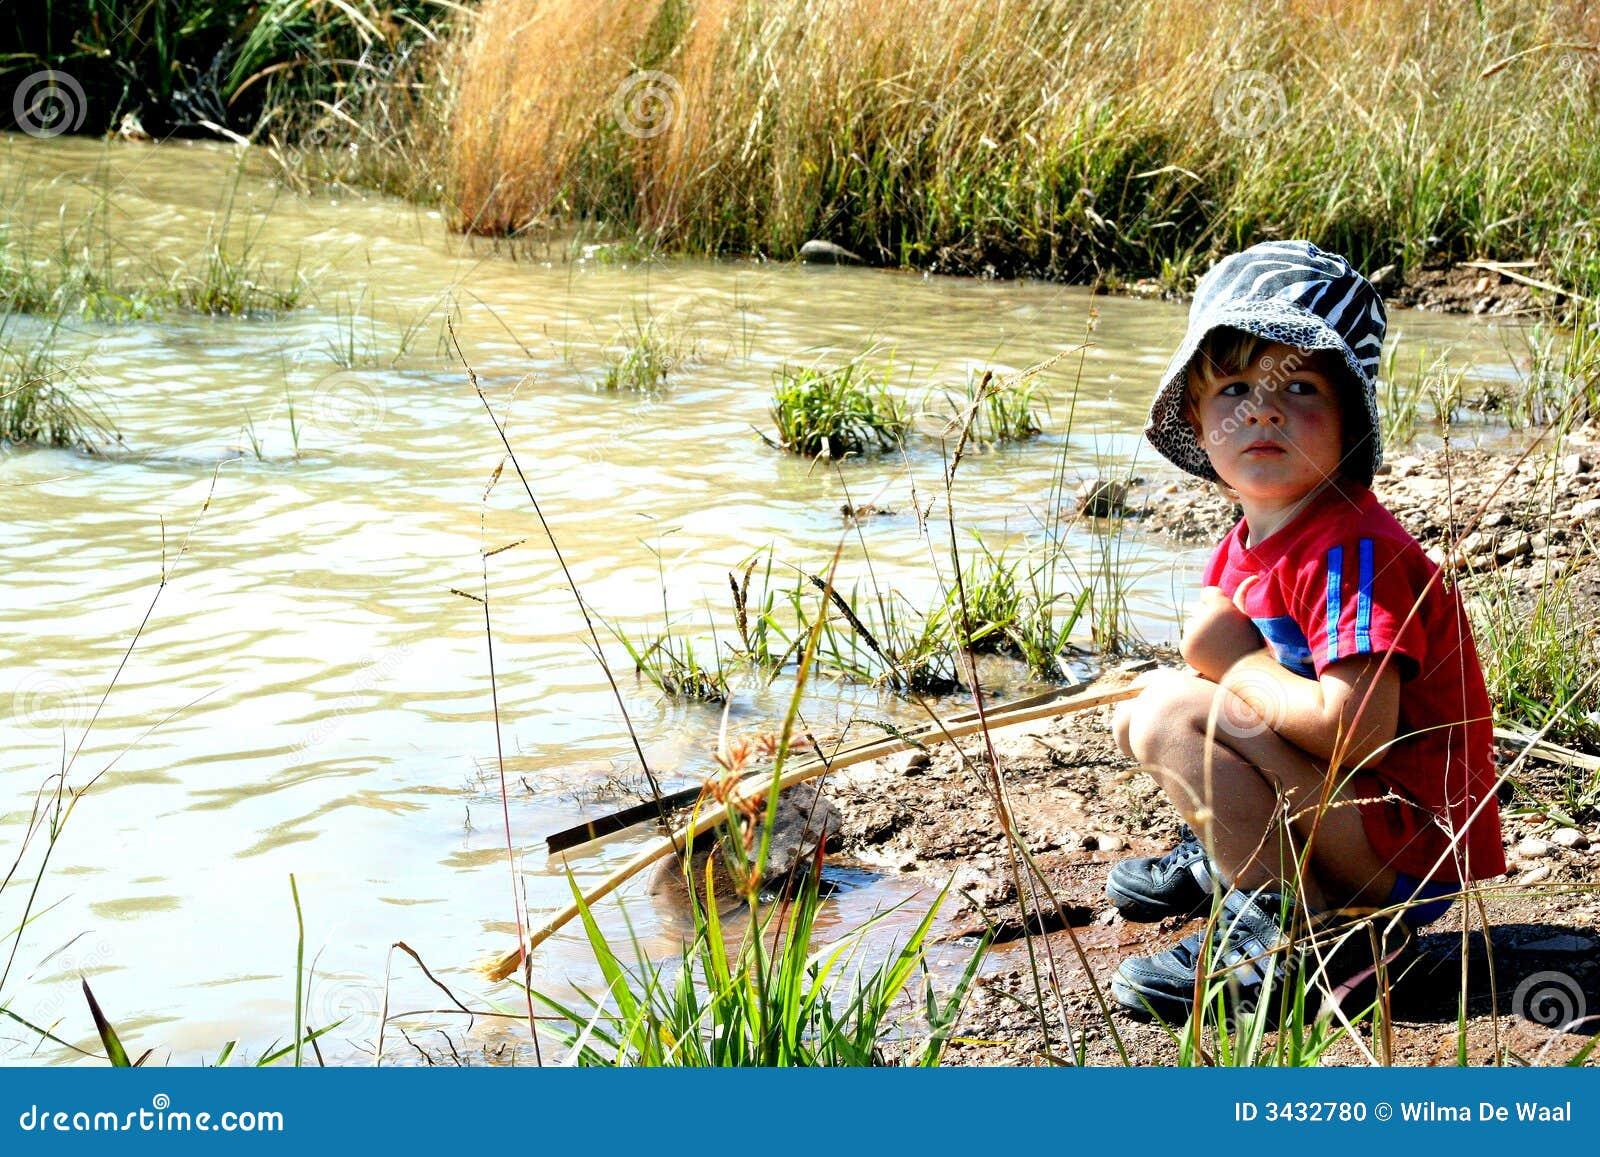 Fischerei in einem Teich